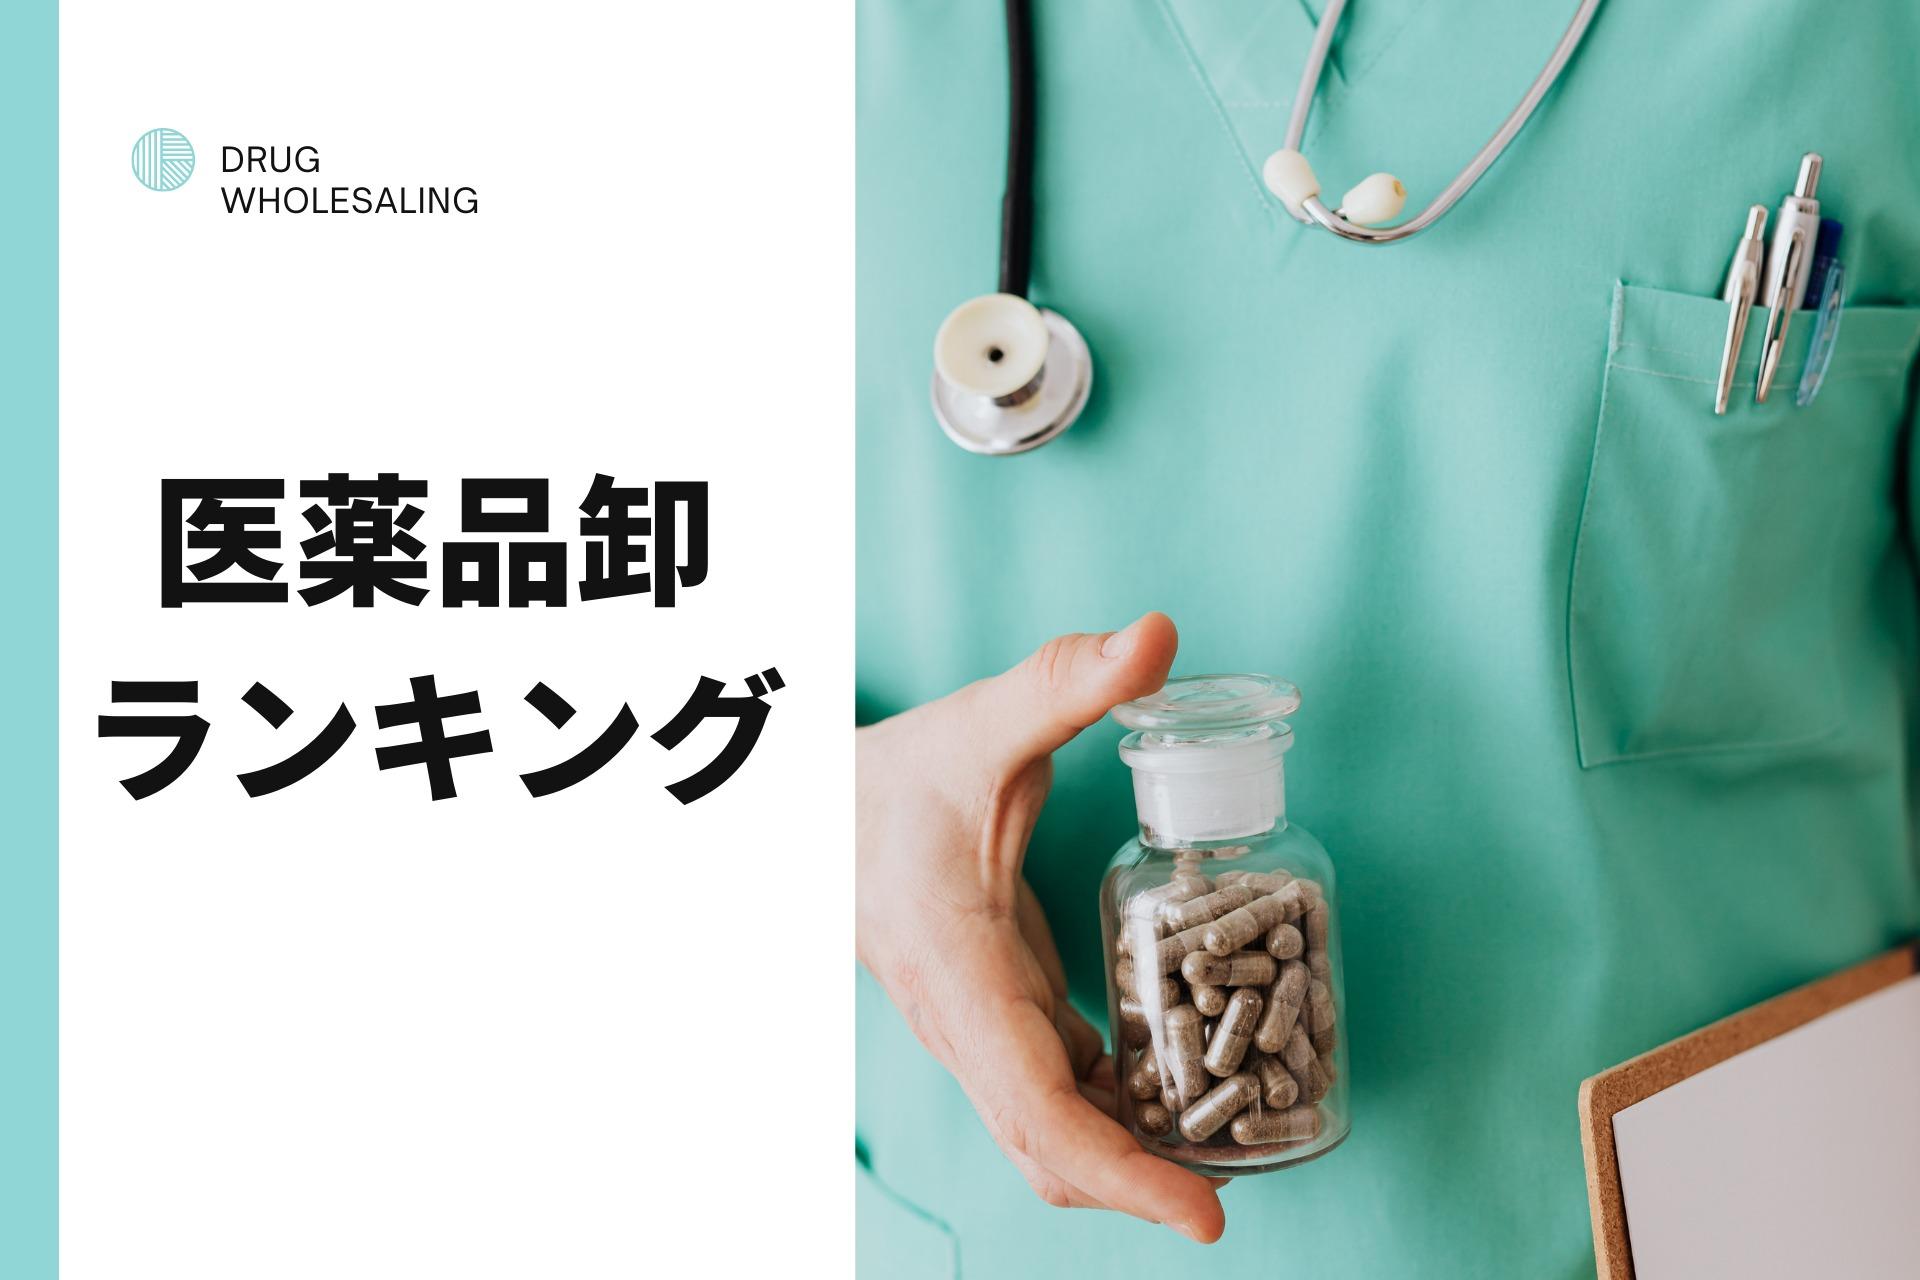 【最新】医薬品卸大手をランキングで徹底比較【トップ10】